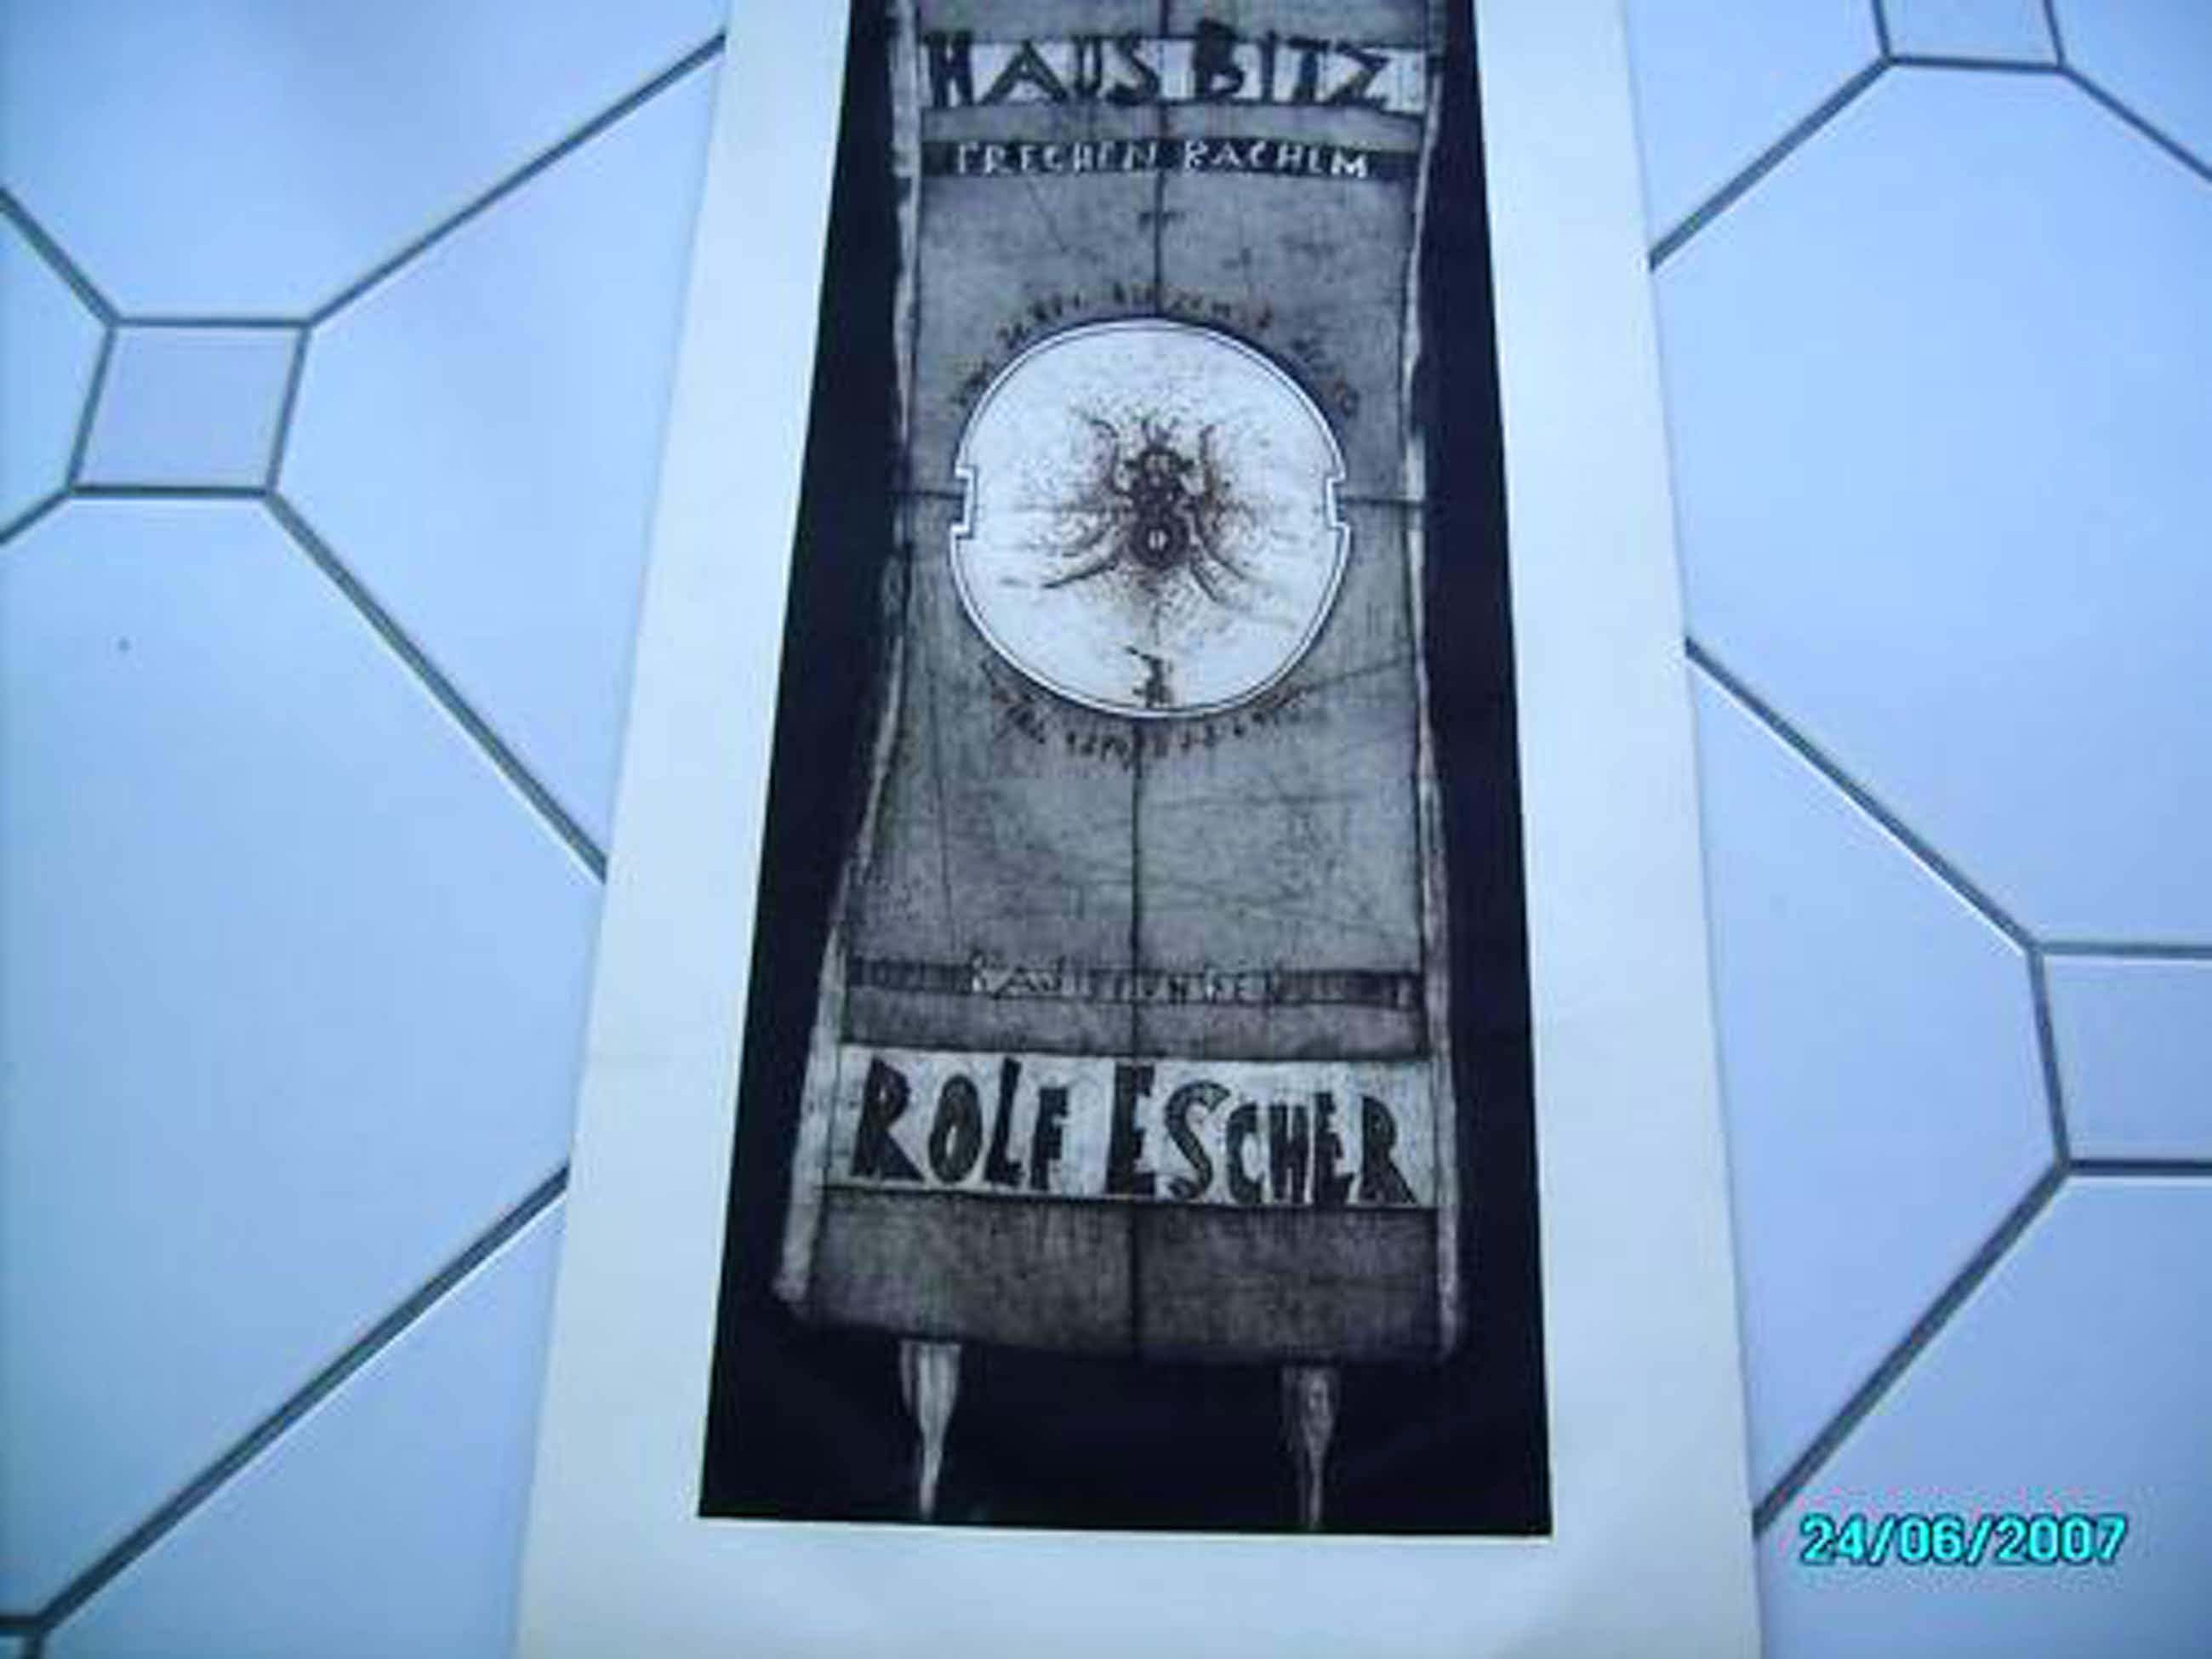 Rolf Escher - Rolf Escher Radierung Haus Bitz kopen? Bied vanaf 25!